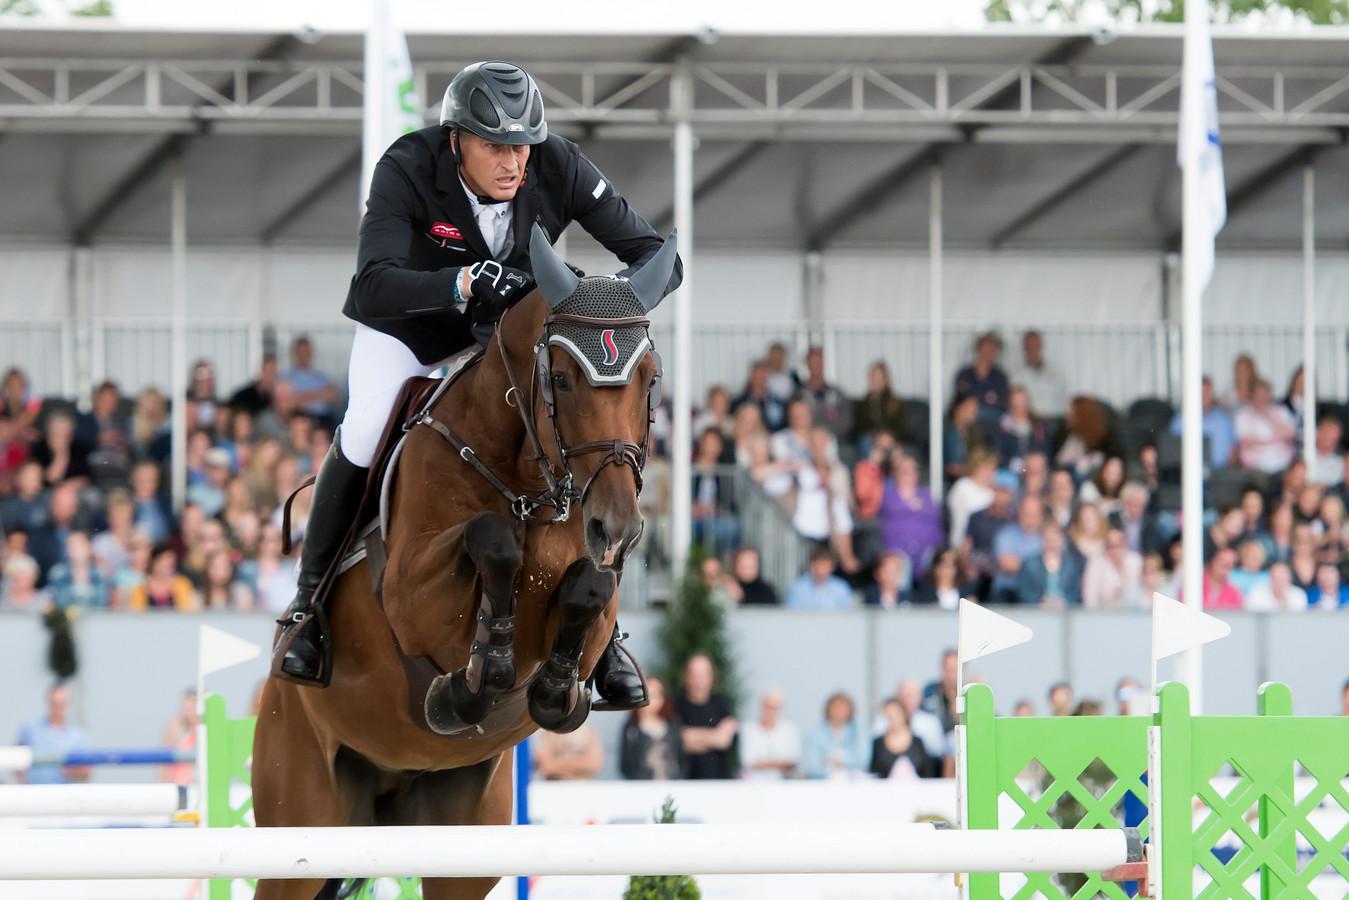 Marc Houtzager winnaar Grote Prijs Jumping Schröder Tubbergen 2019.